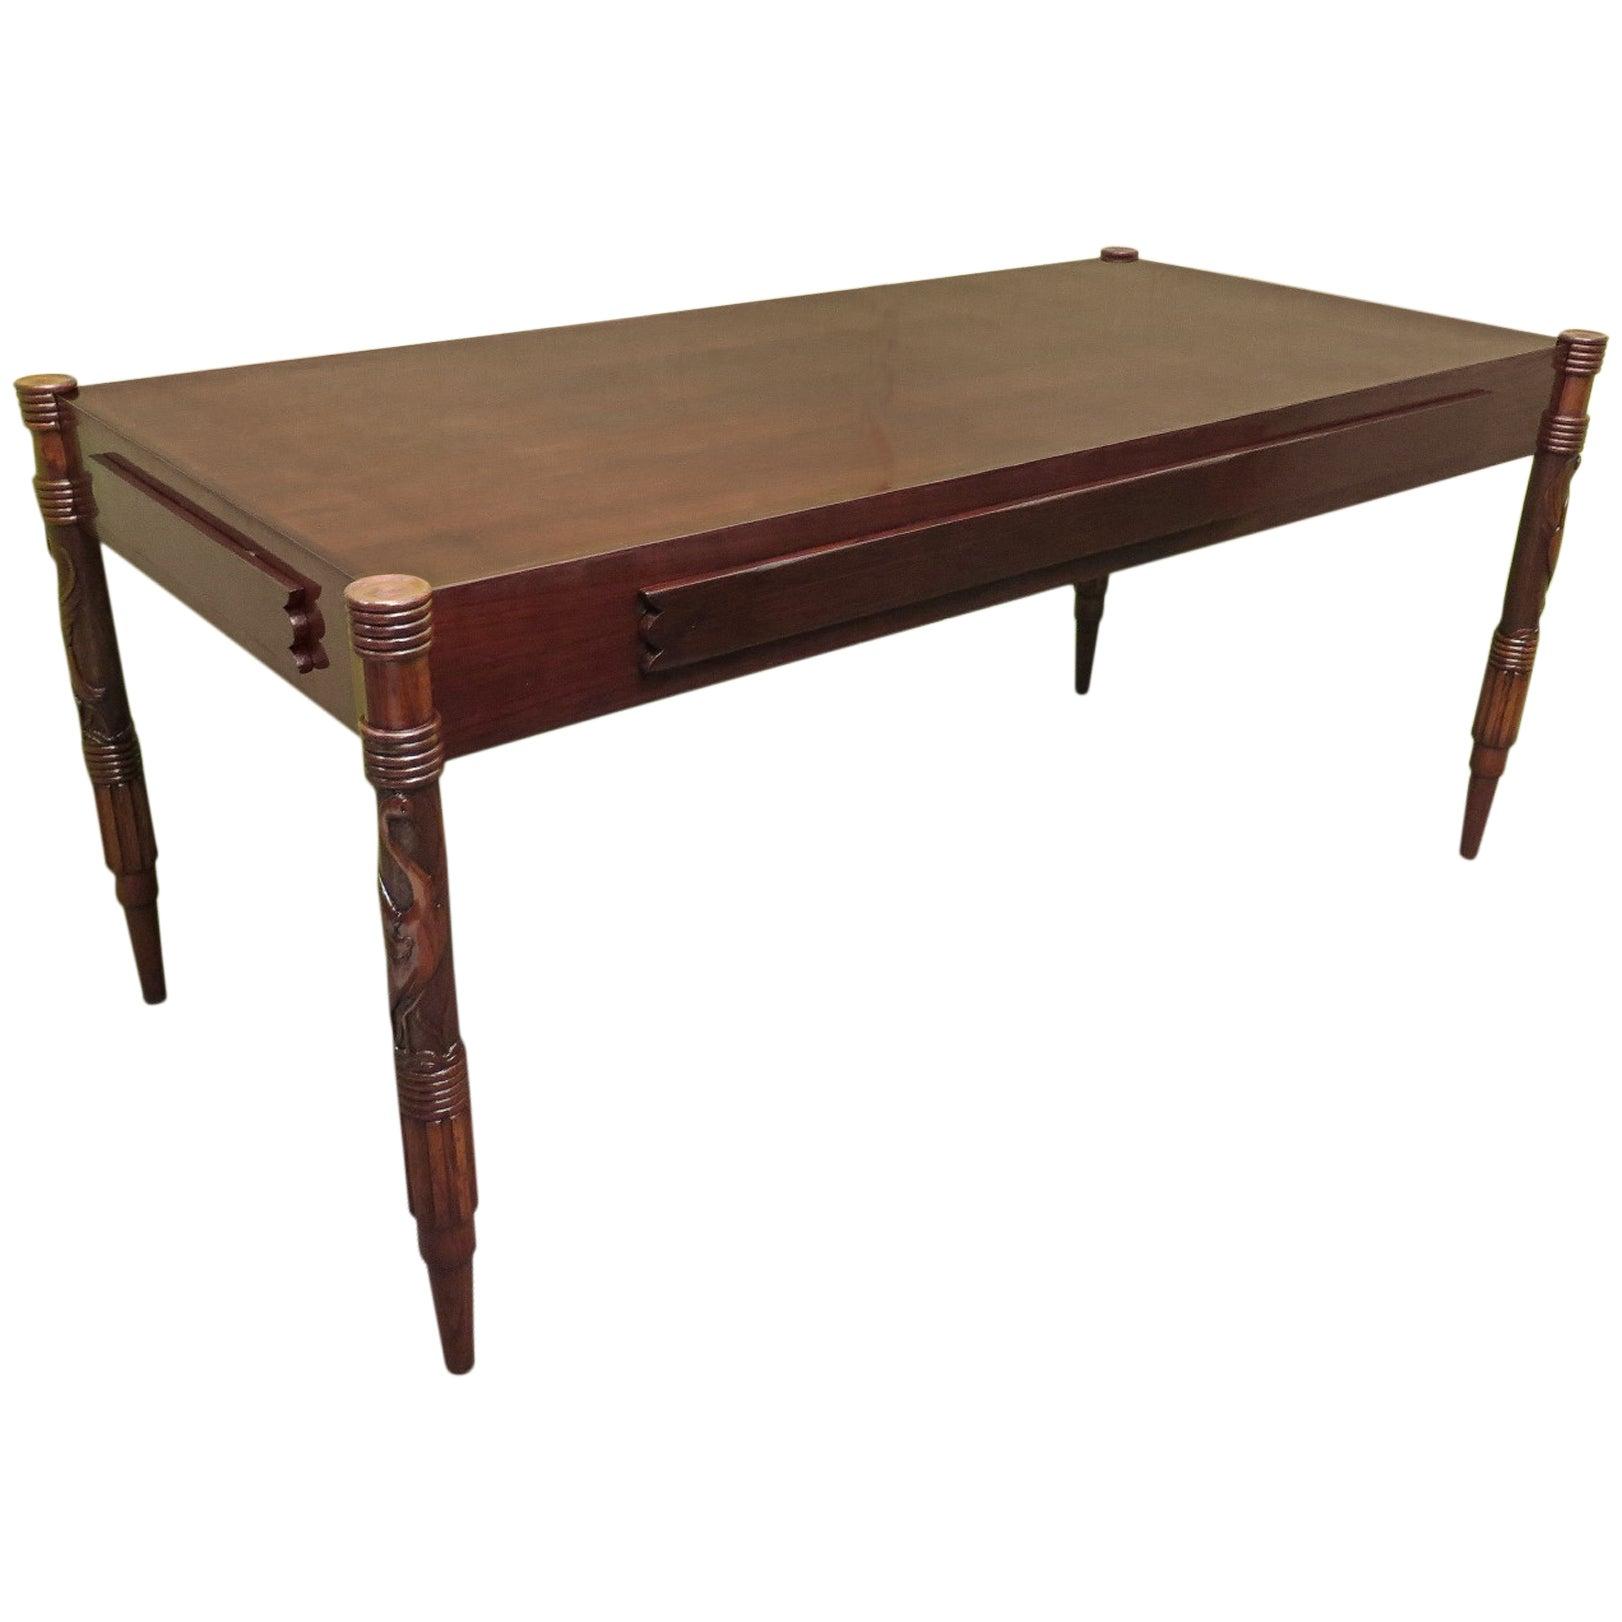 Colli Pier Luigi Ashwood Italian Midcentury Dining Room Table, 1950